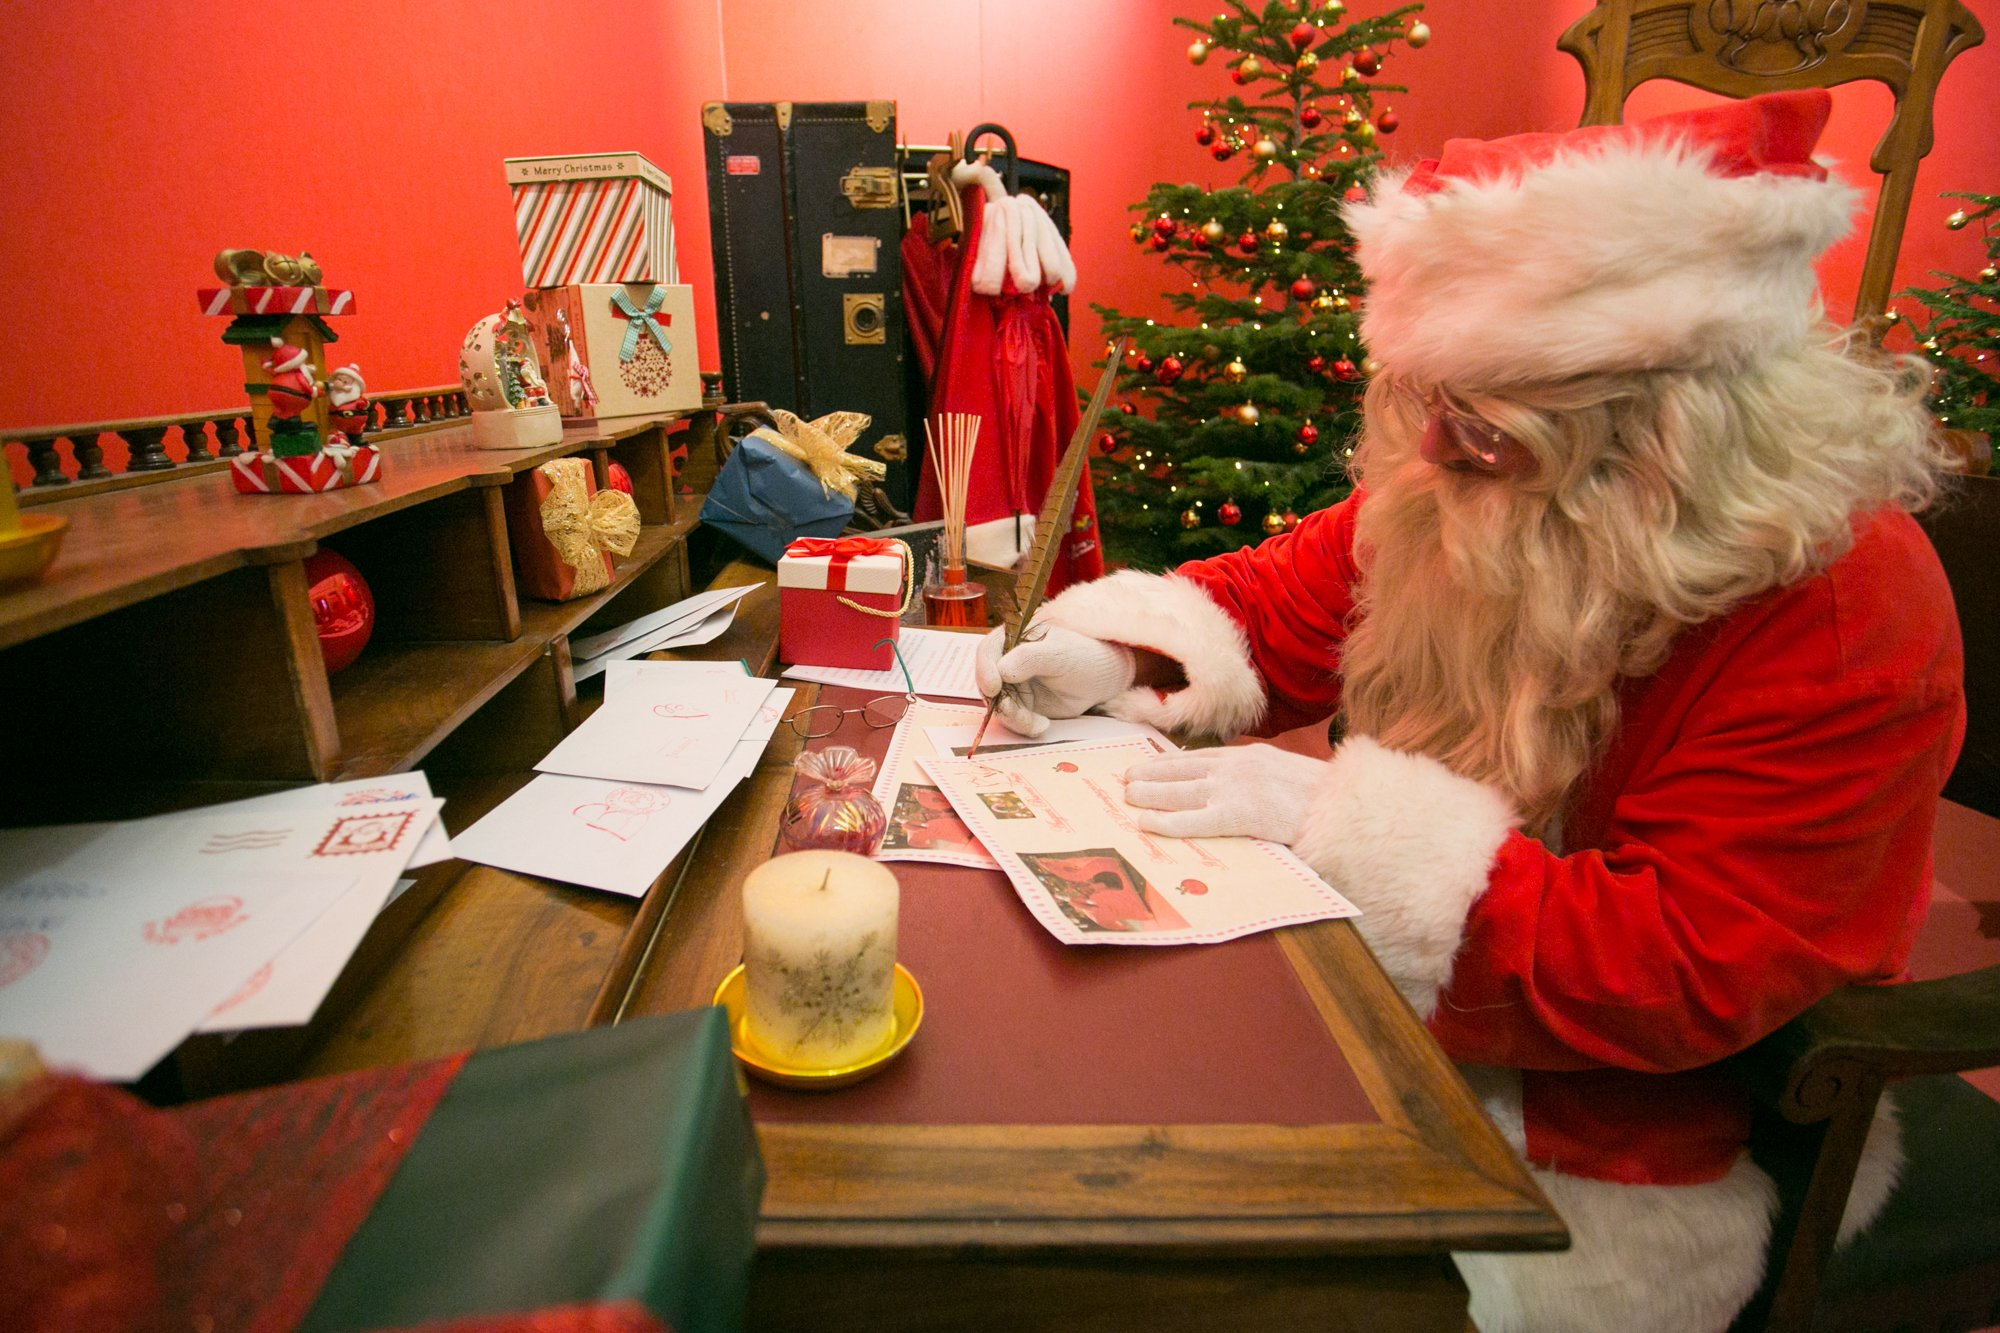 Benvenuti Nel Sito Di Babbo Natale.In Piazza Grande Arriva La Casa Di Babbo Natale Arezzoweb Informa